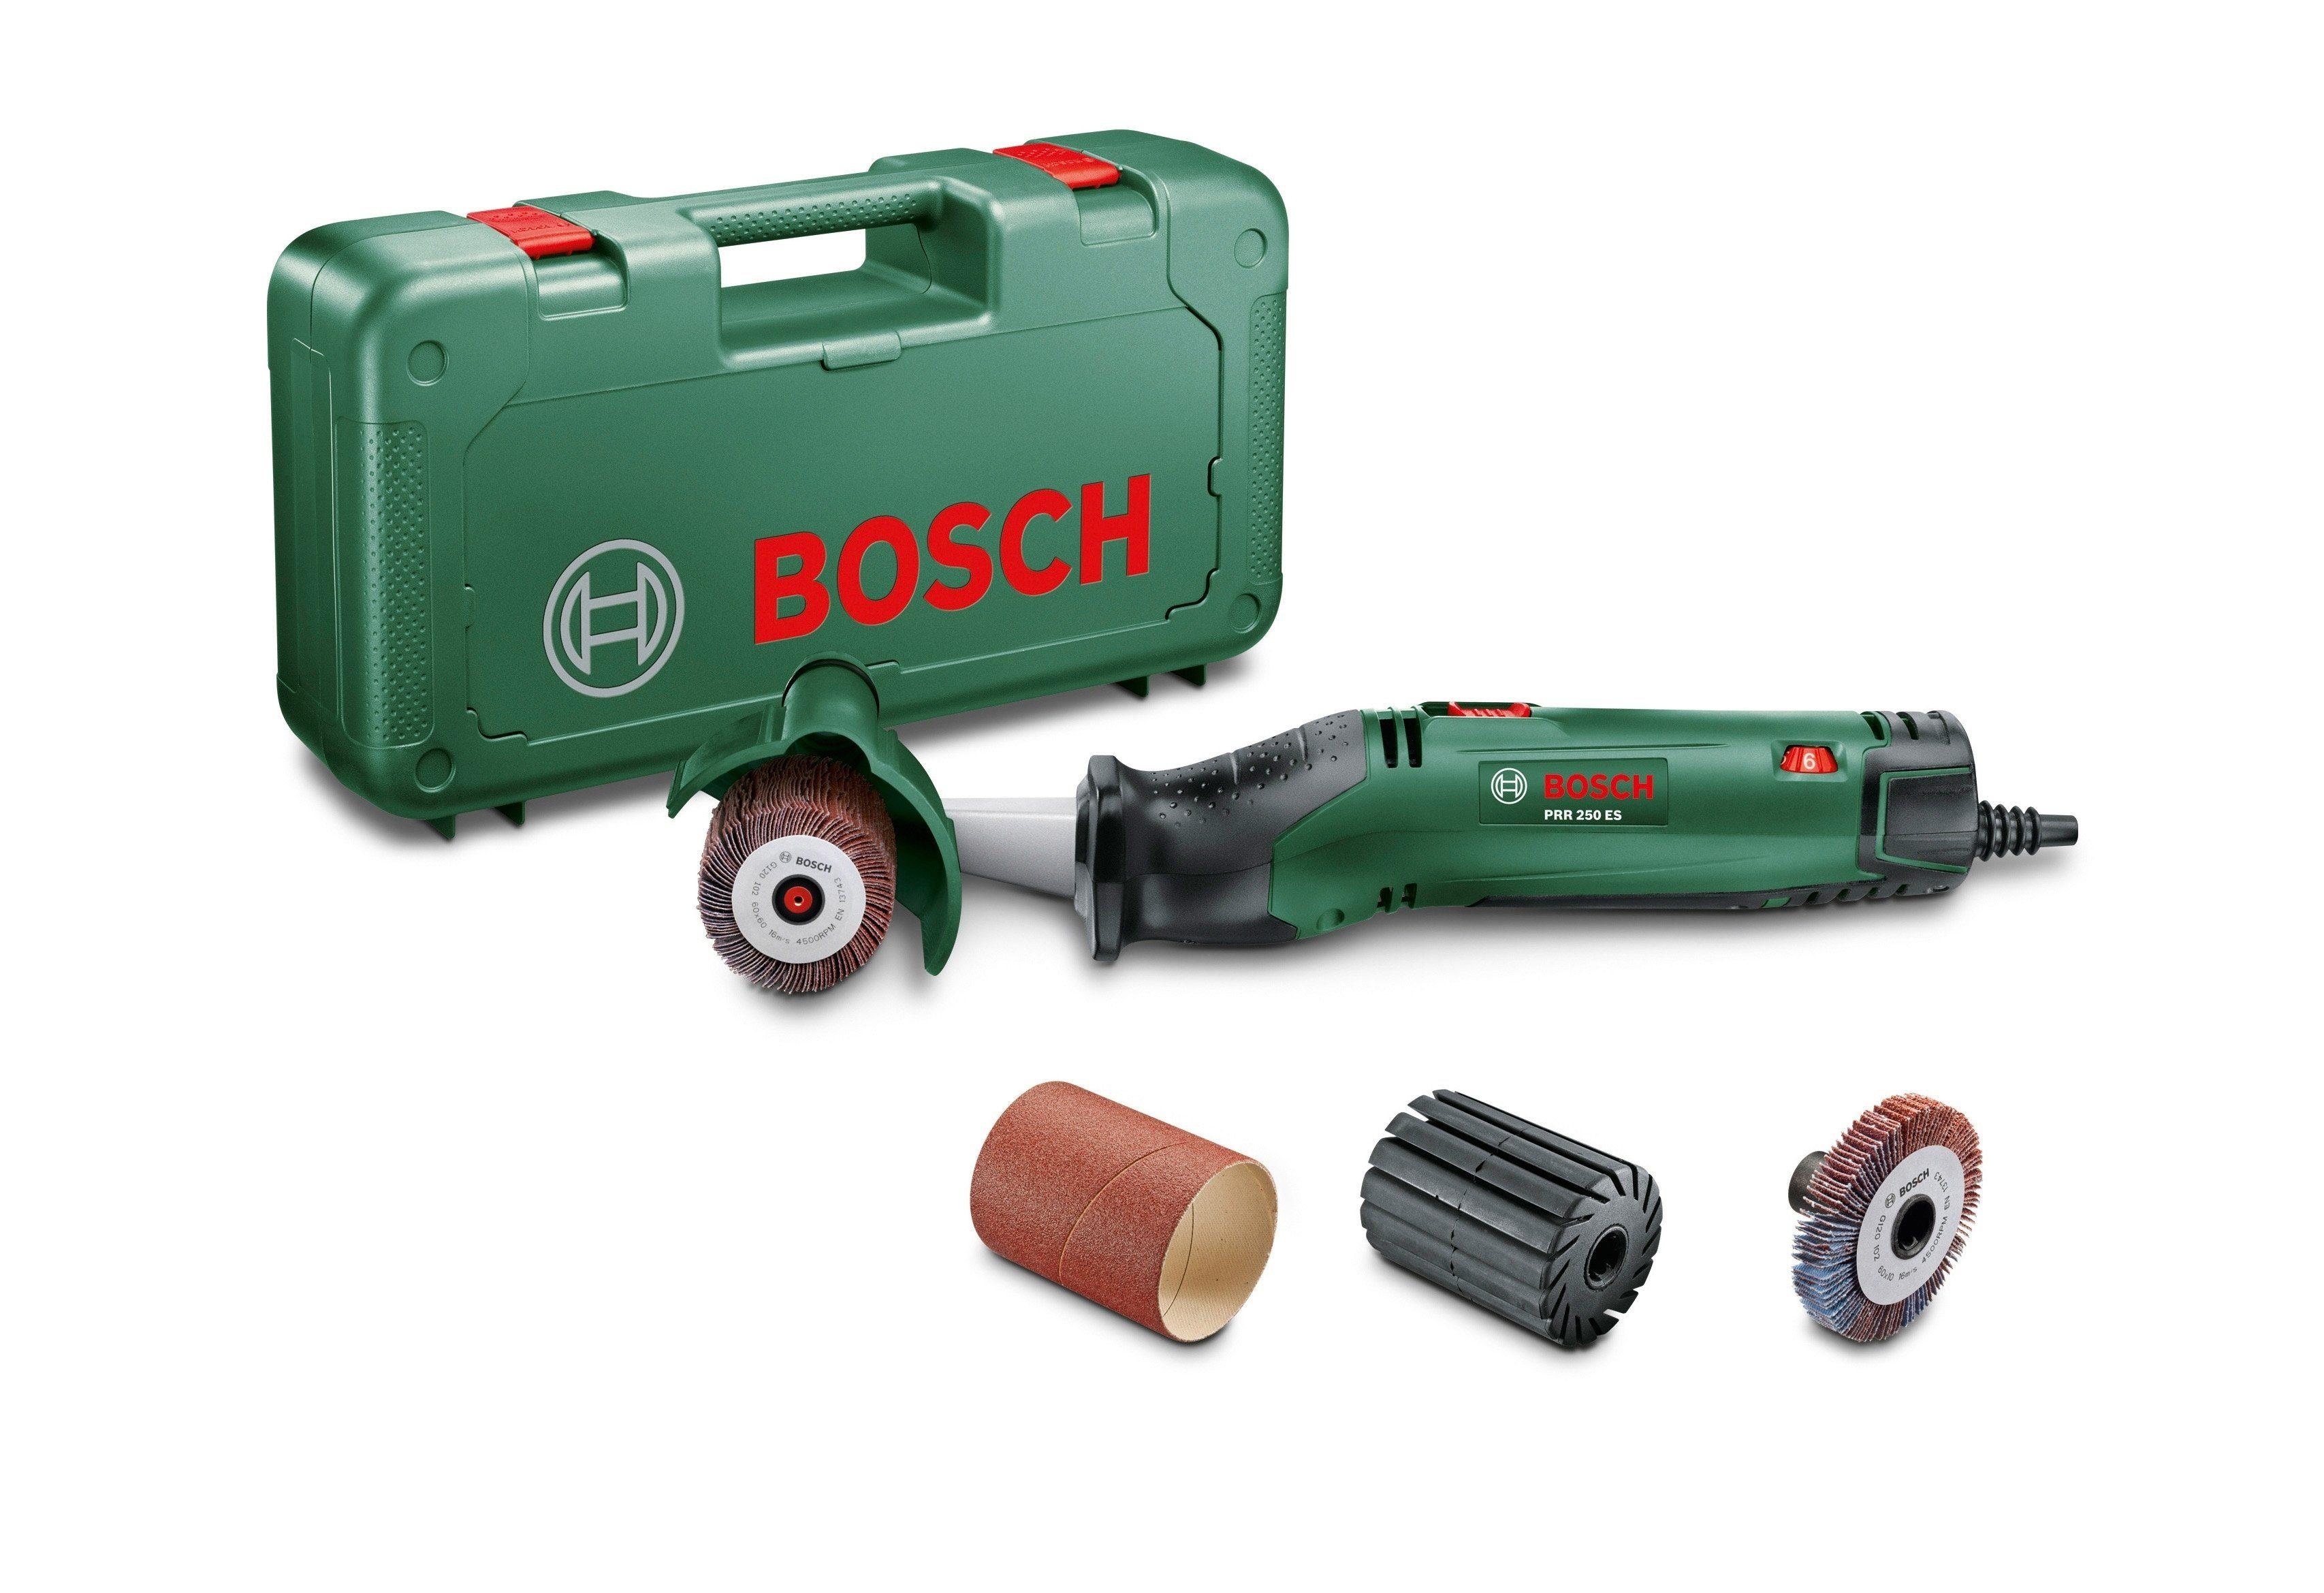 Bosch Schleifroller »PRR 250 ES«